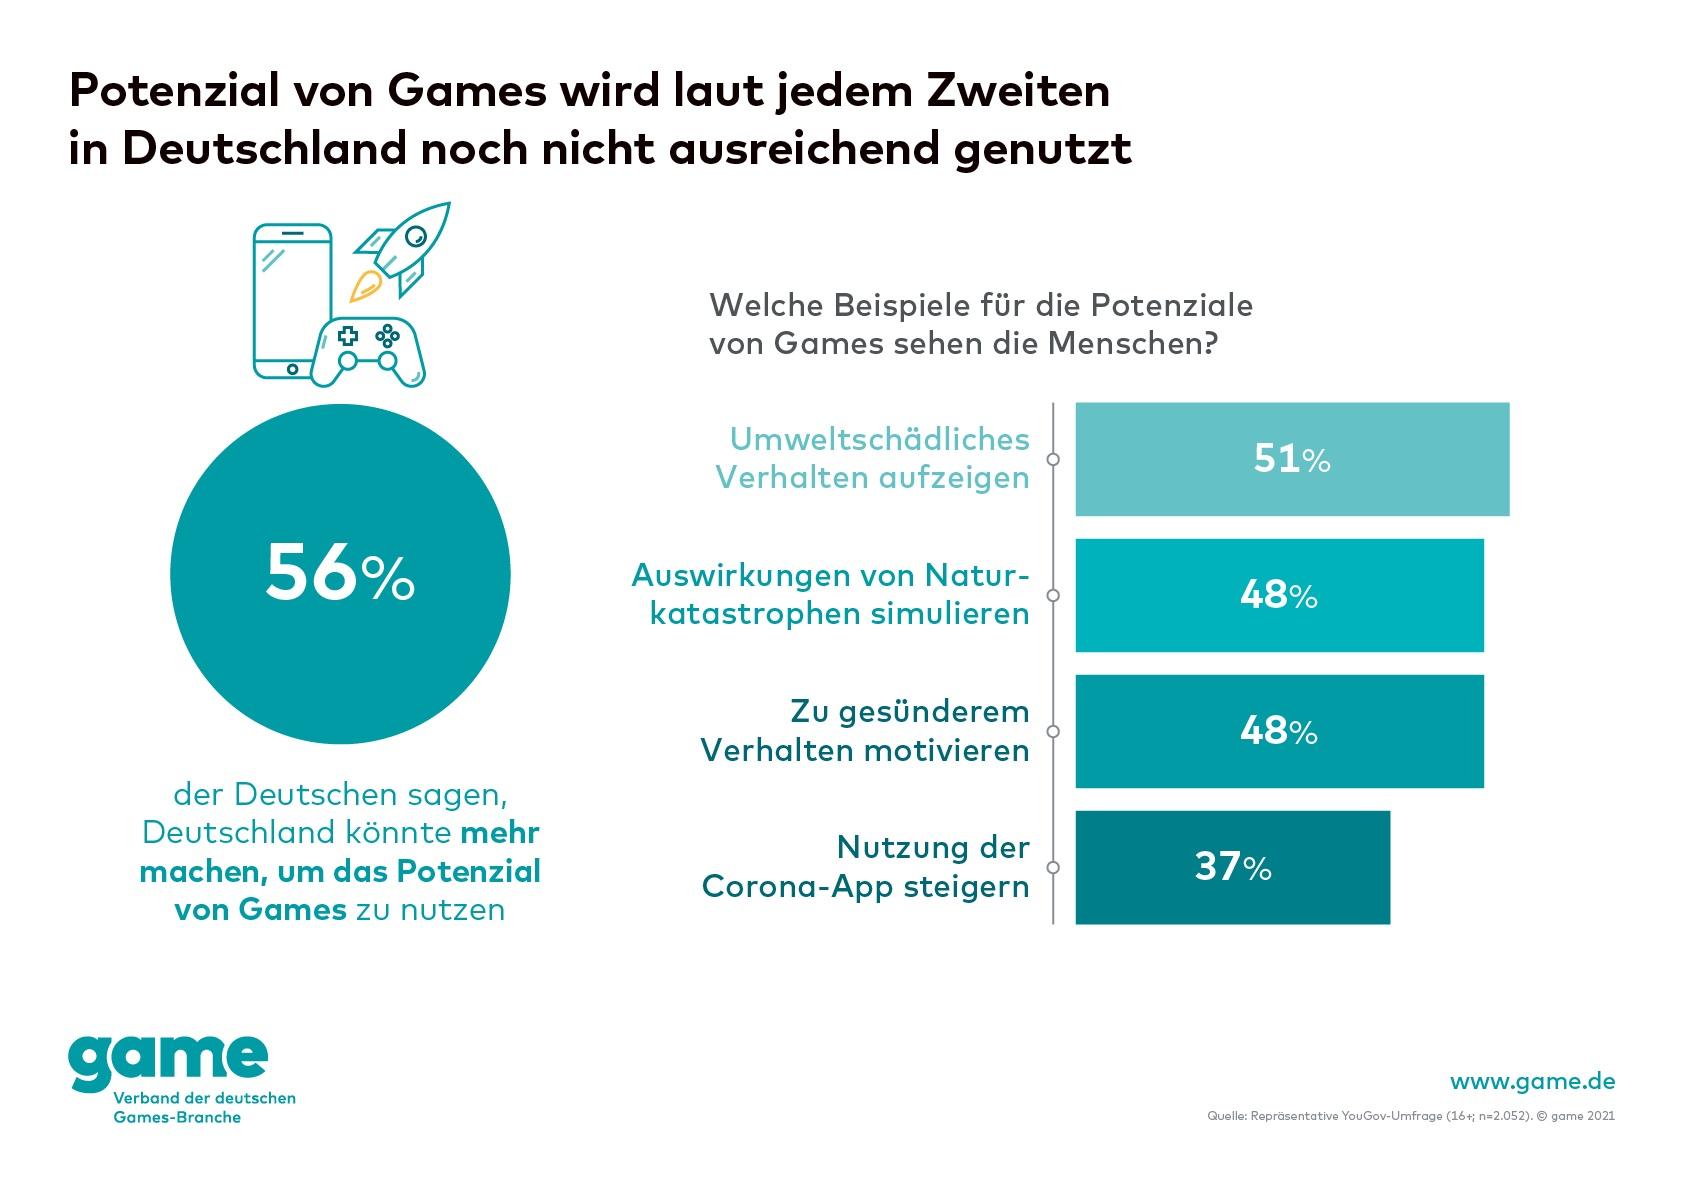 game-Grafik: Potenzial von Games wird laut jedem Zweitem in Deutschland noch nicht ausreichend genutzt